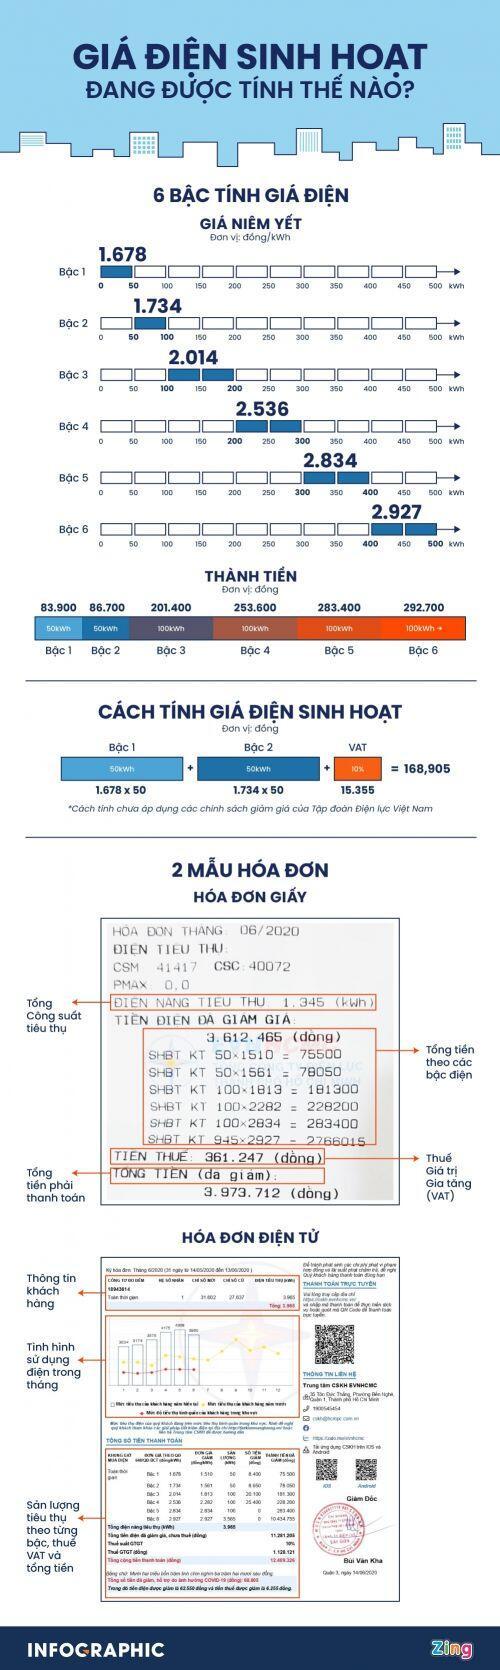 Giá điện sinh hoạt được tính thế nào?